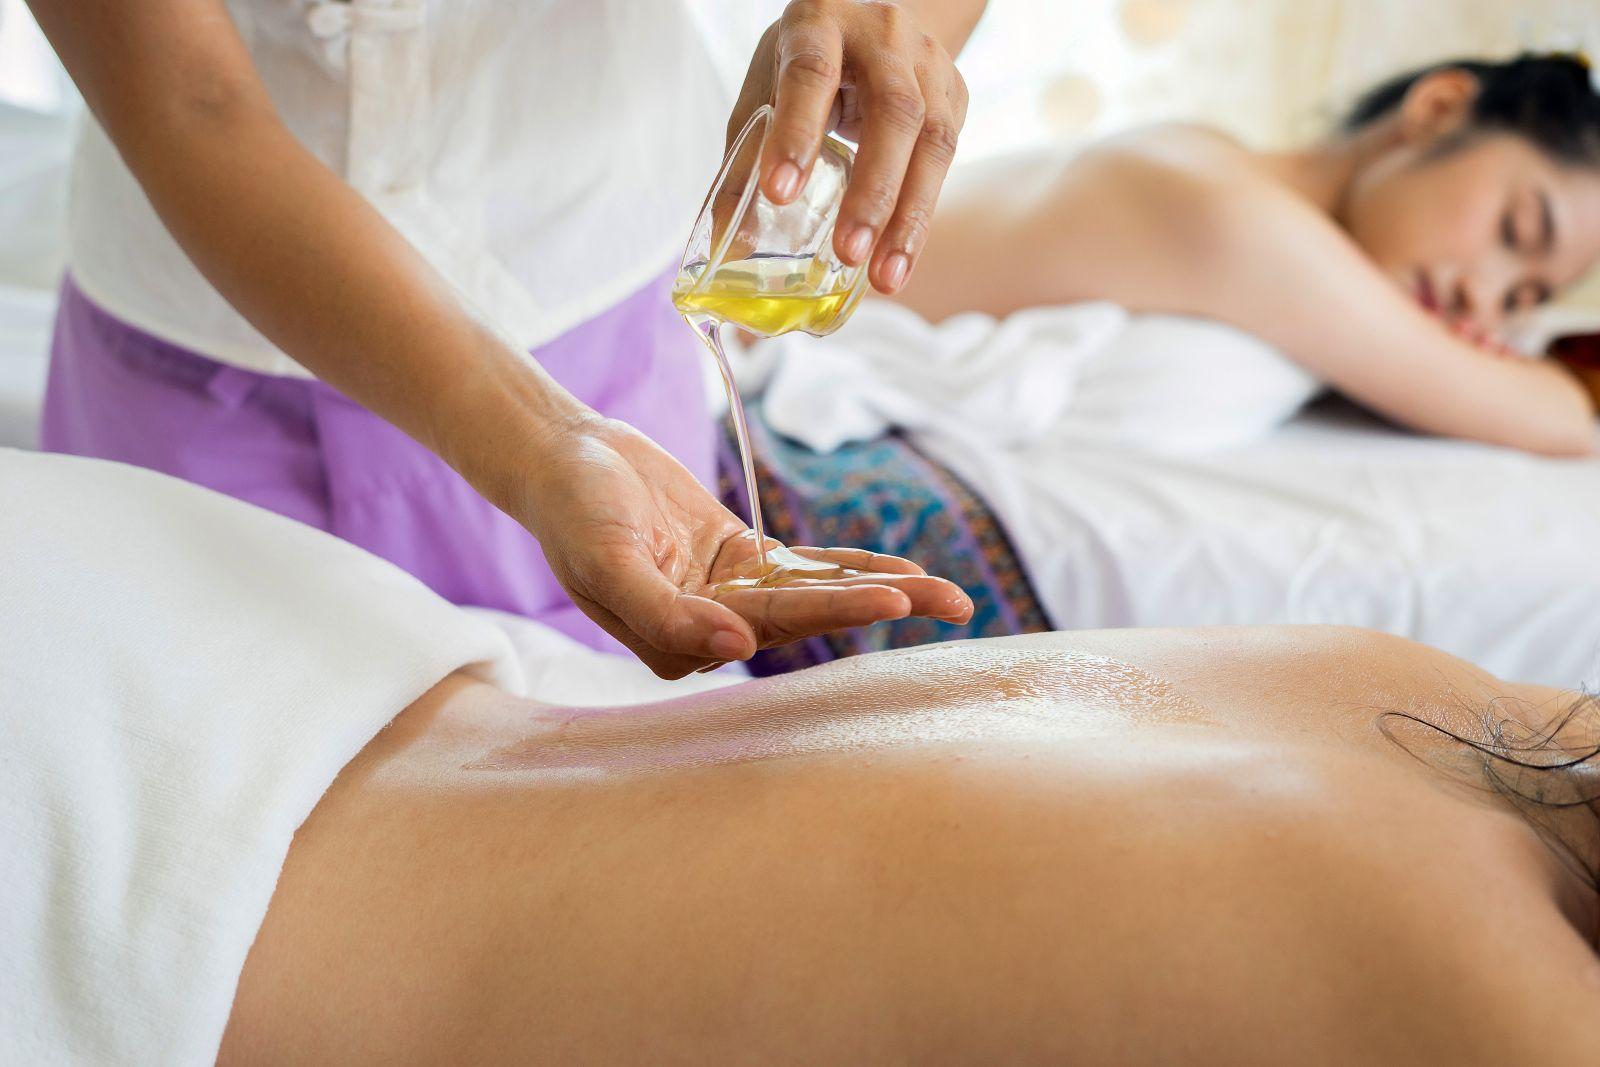 kamzik-zdiar-wellness-massage-v001.jpg